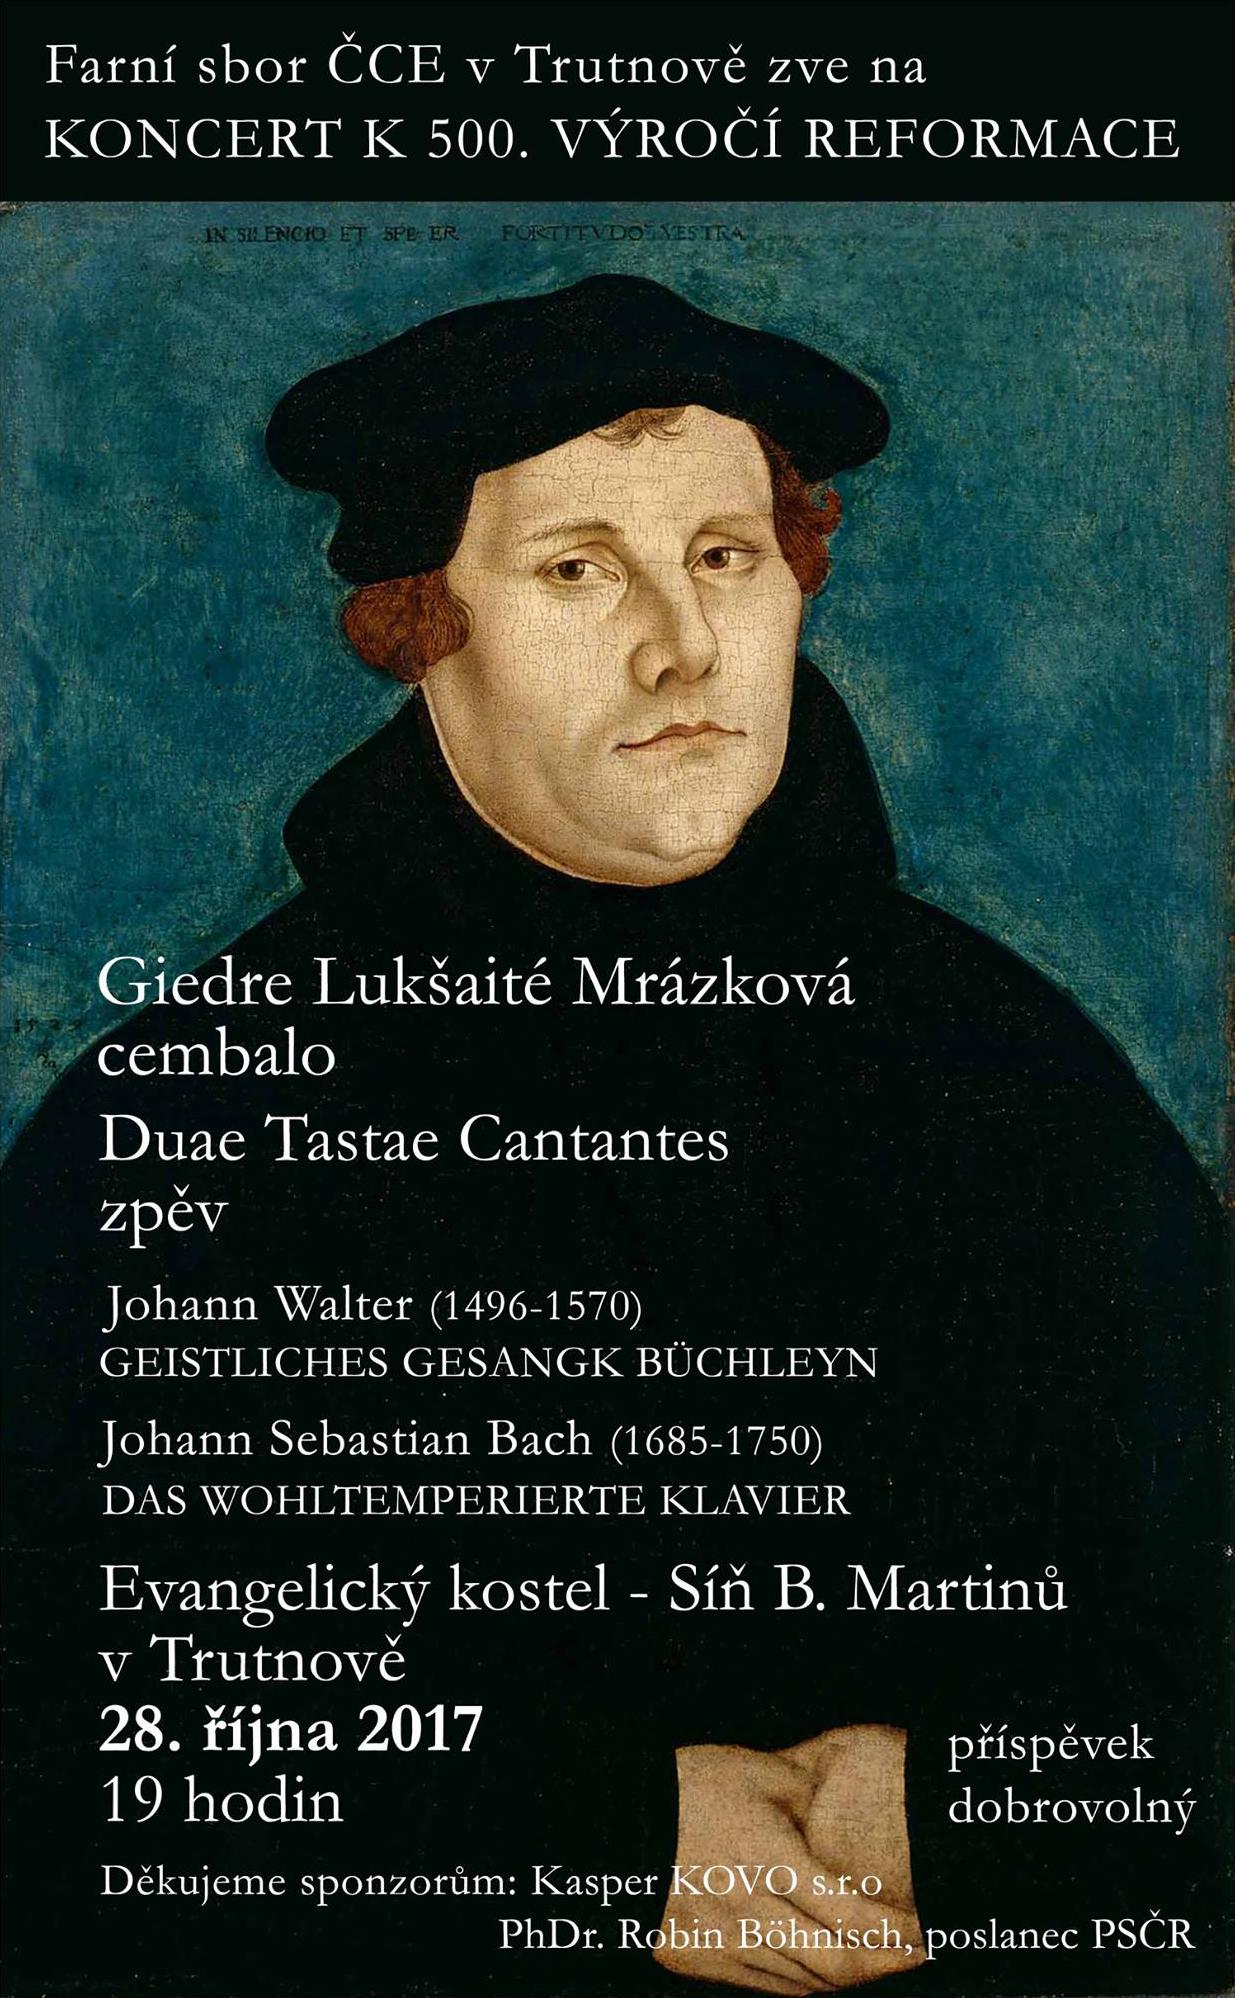 koncert k 500. výročí reformace